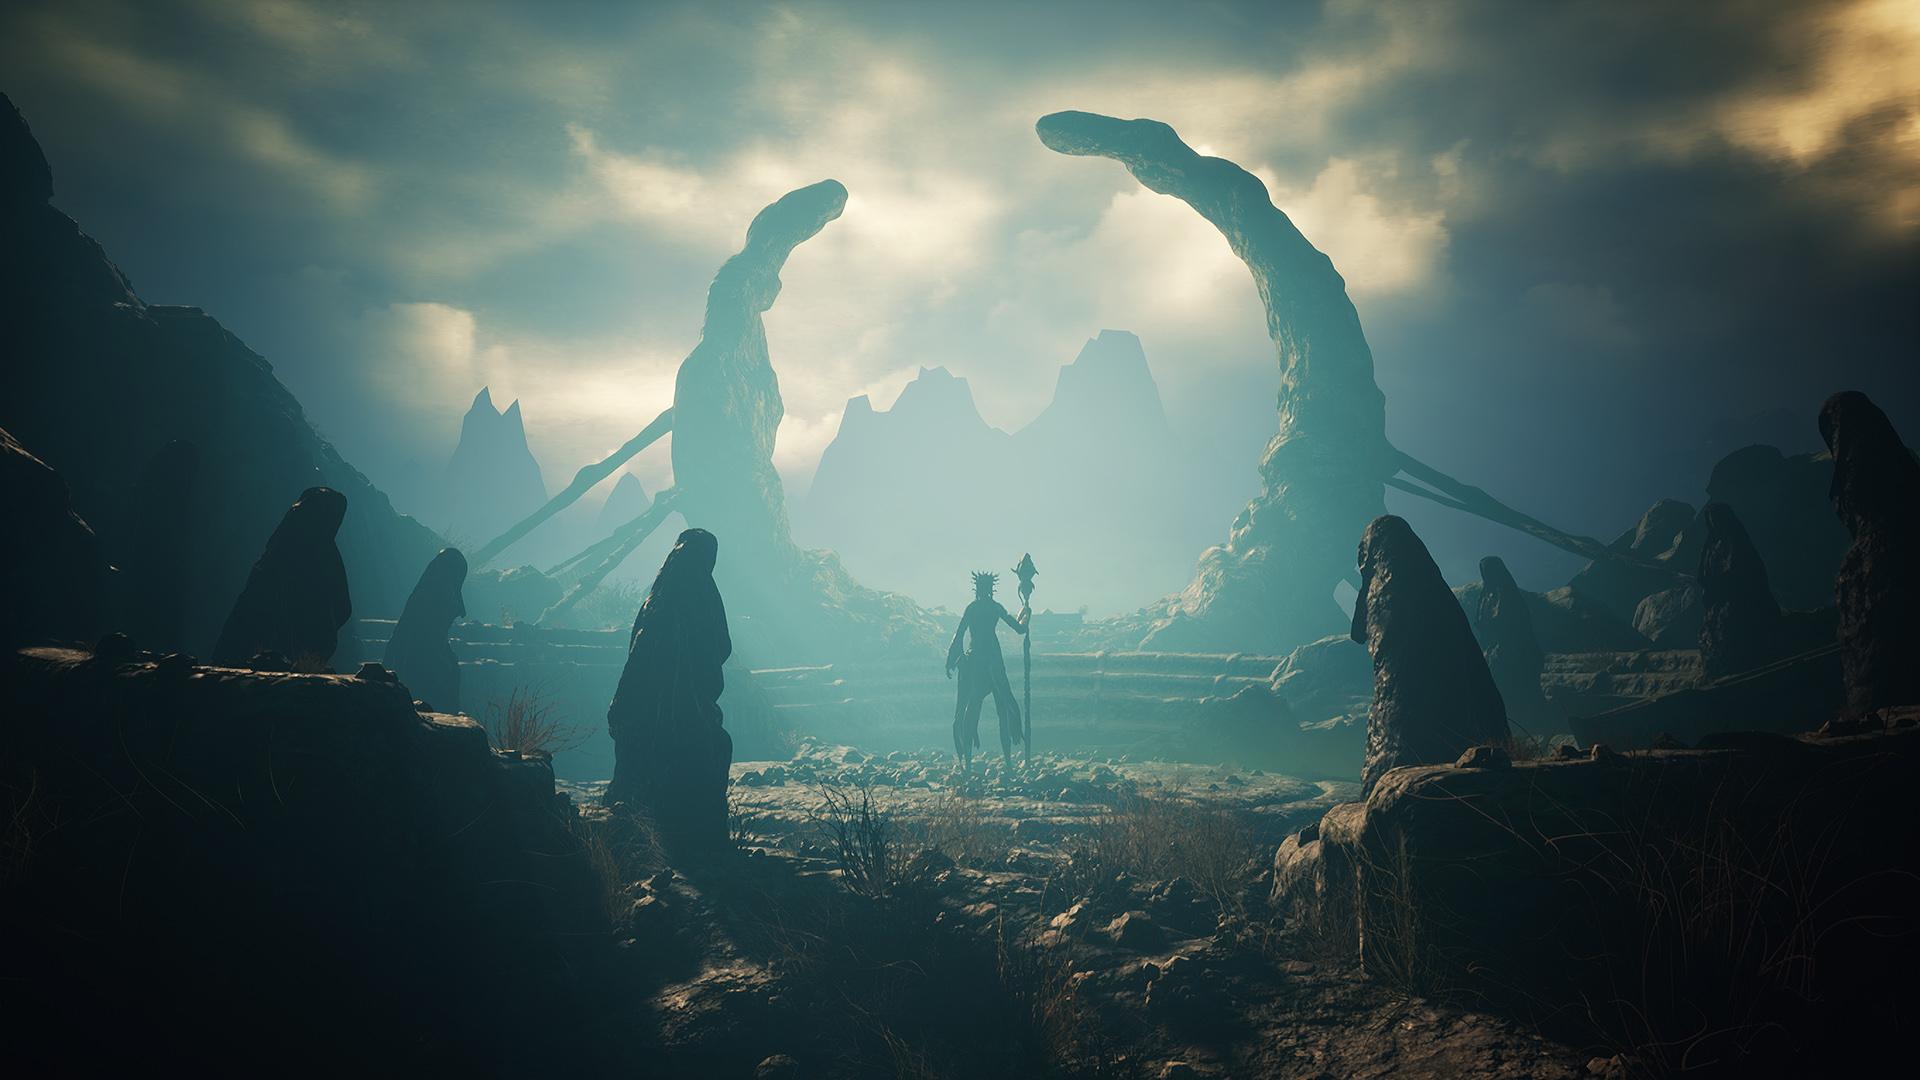 The Wizards: Dark Times als eigenständige Erweiterung